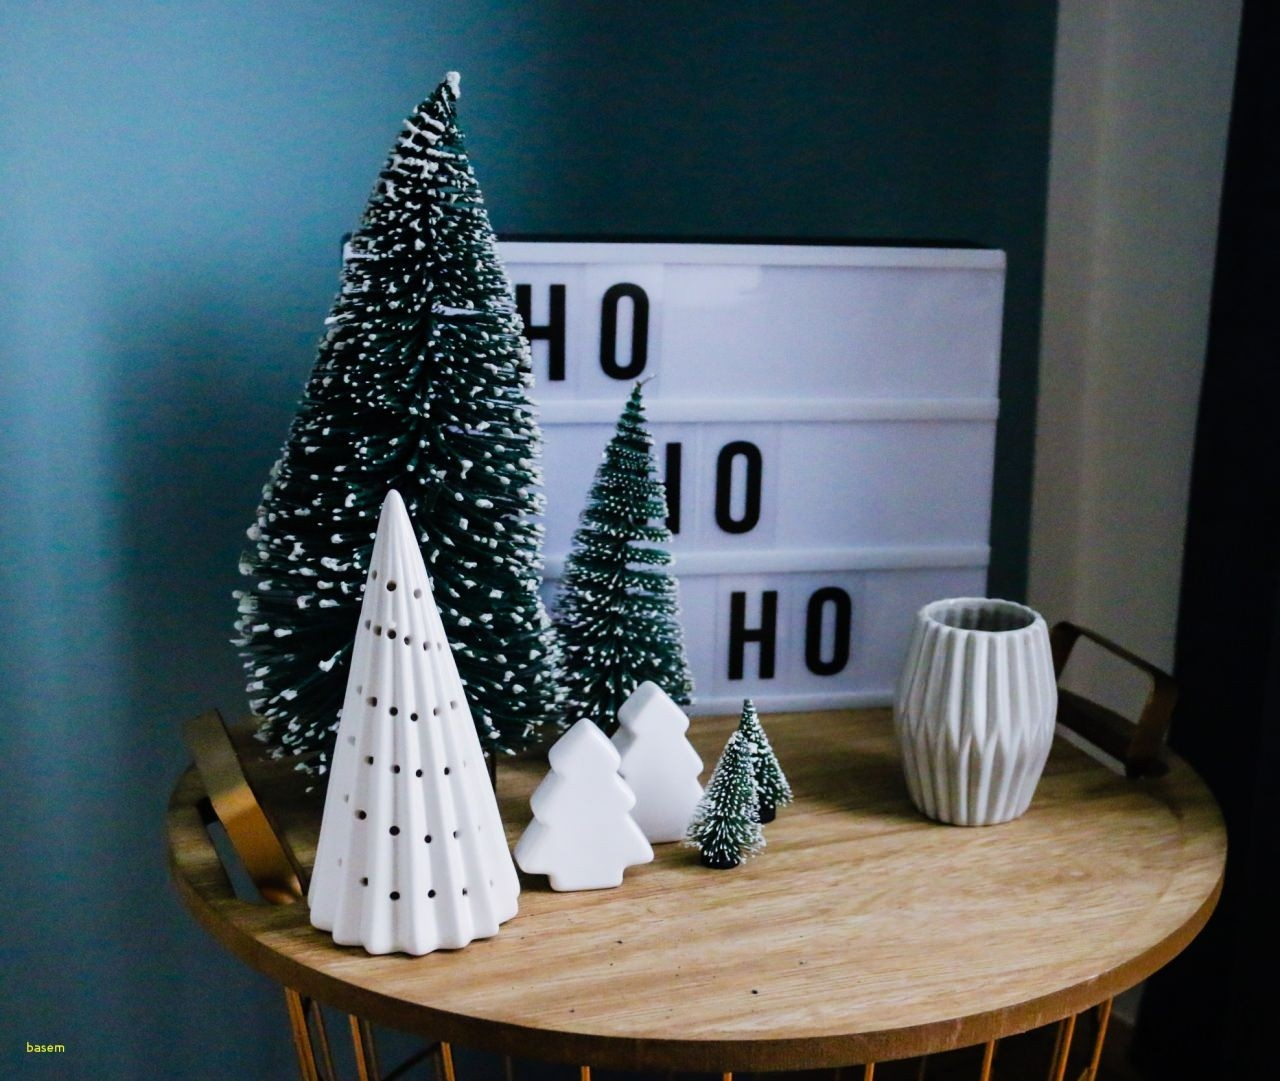 deko ideen aus holzscheiben frisch weihnachtsdeko holz basteln selber machen 91 diy